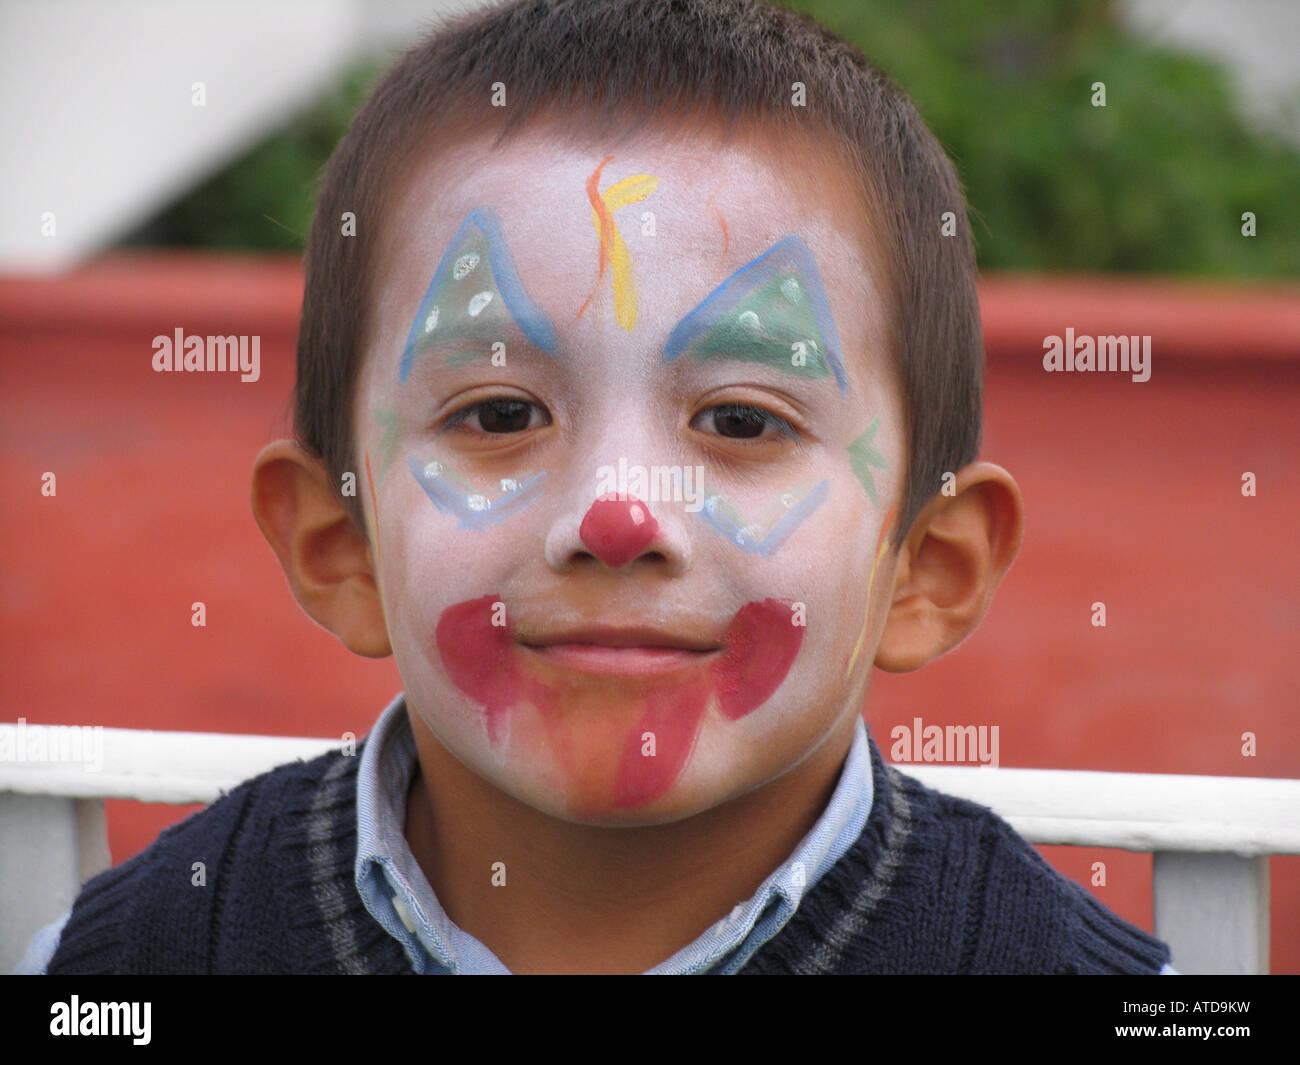 Patricio (Patrick) Happy Boy ritratto sorridente travestito come un clown Immagini Stock